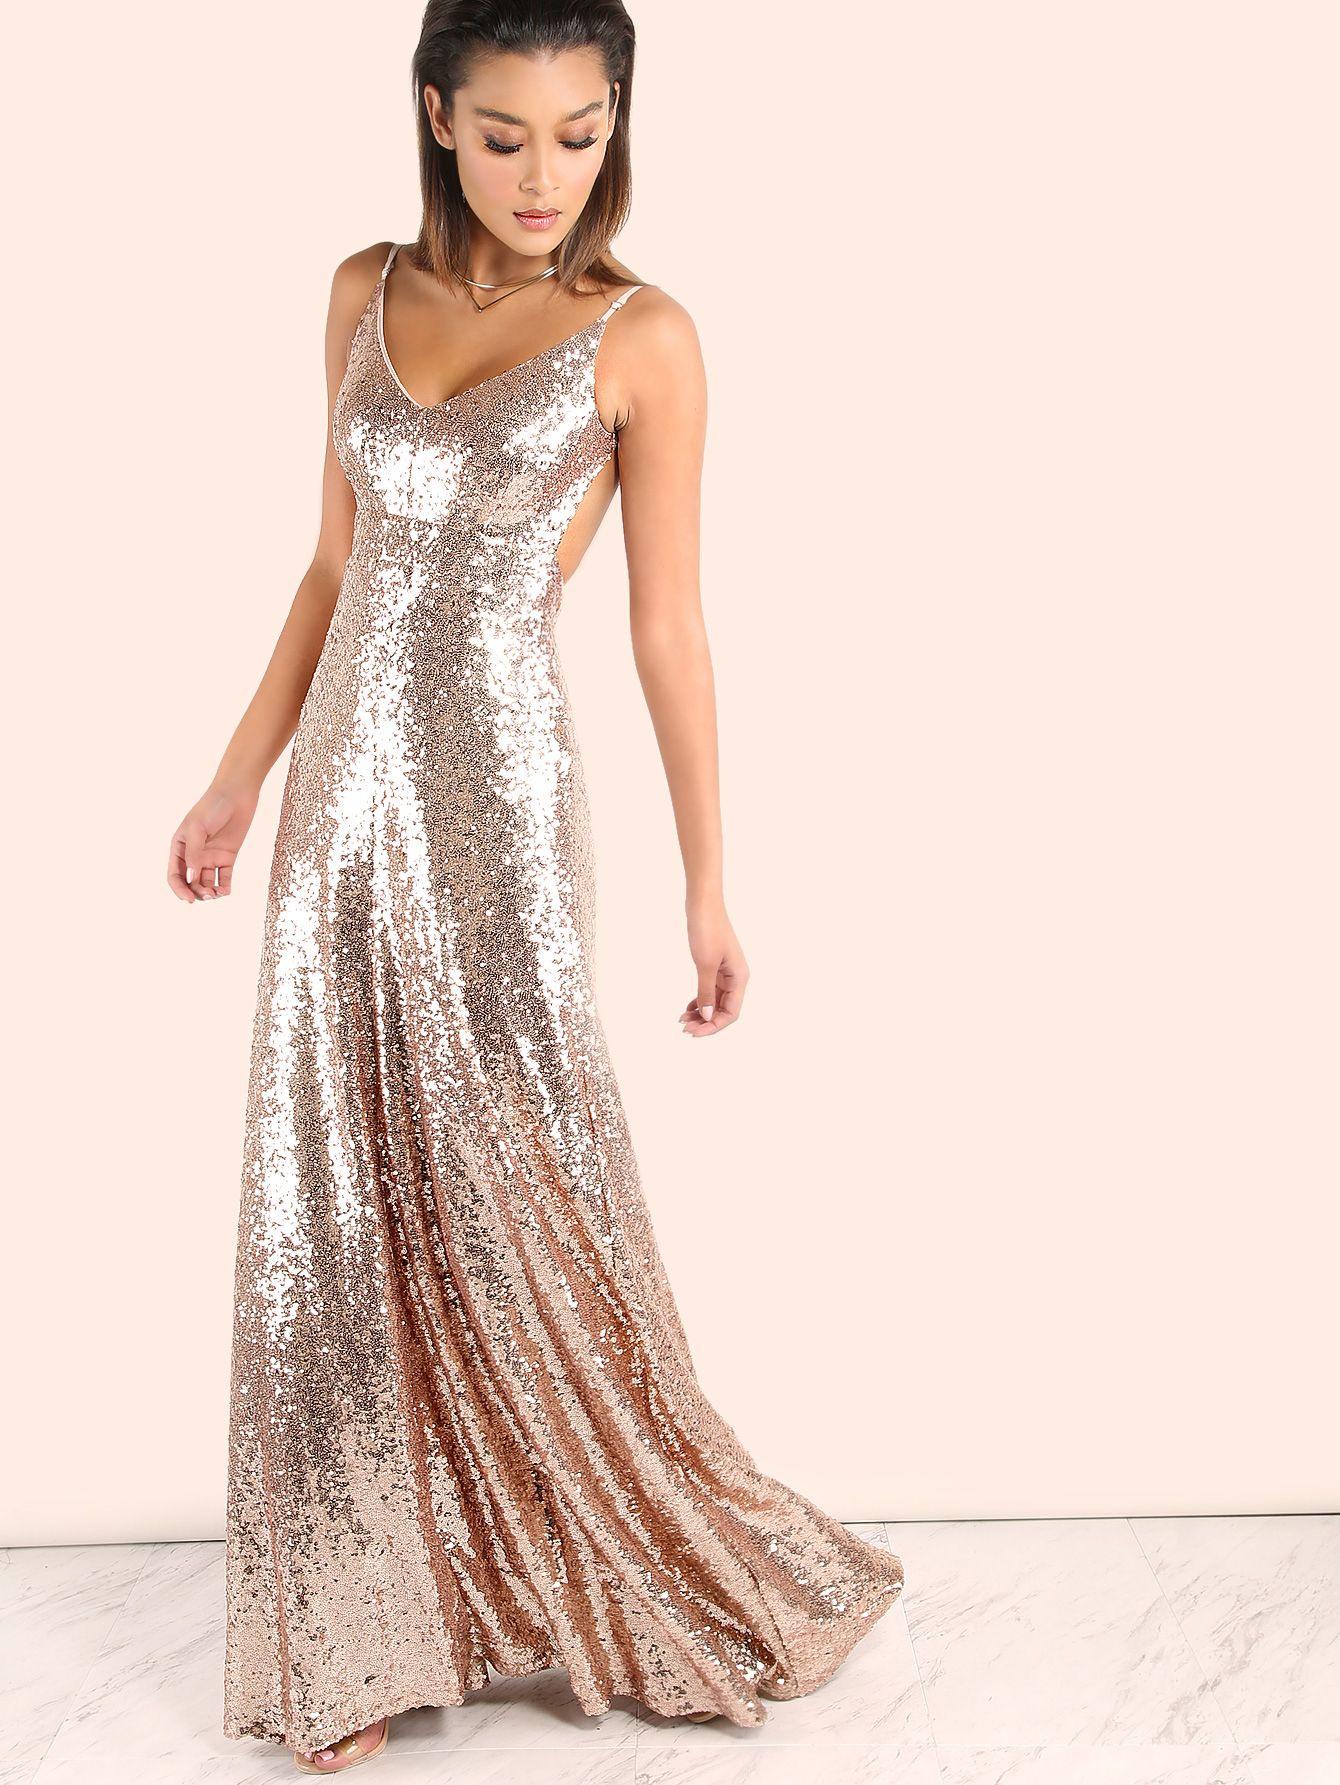 Formal Elegant Abendkleider Shein Ärmel13 Genial Abendkleider Shein Bester Preis